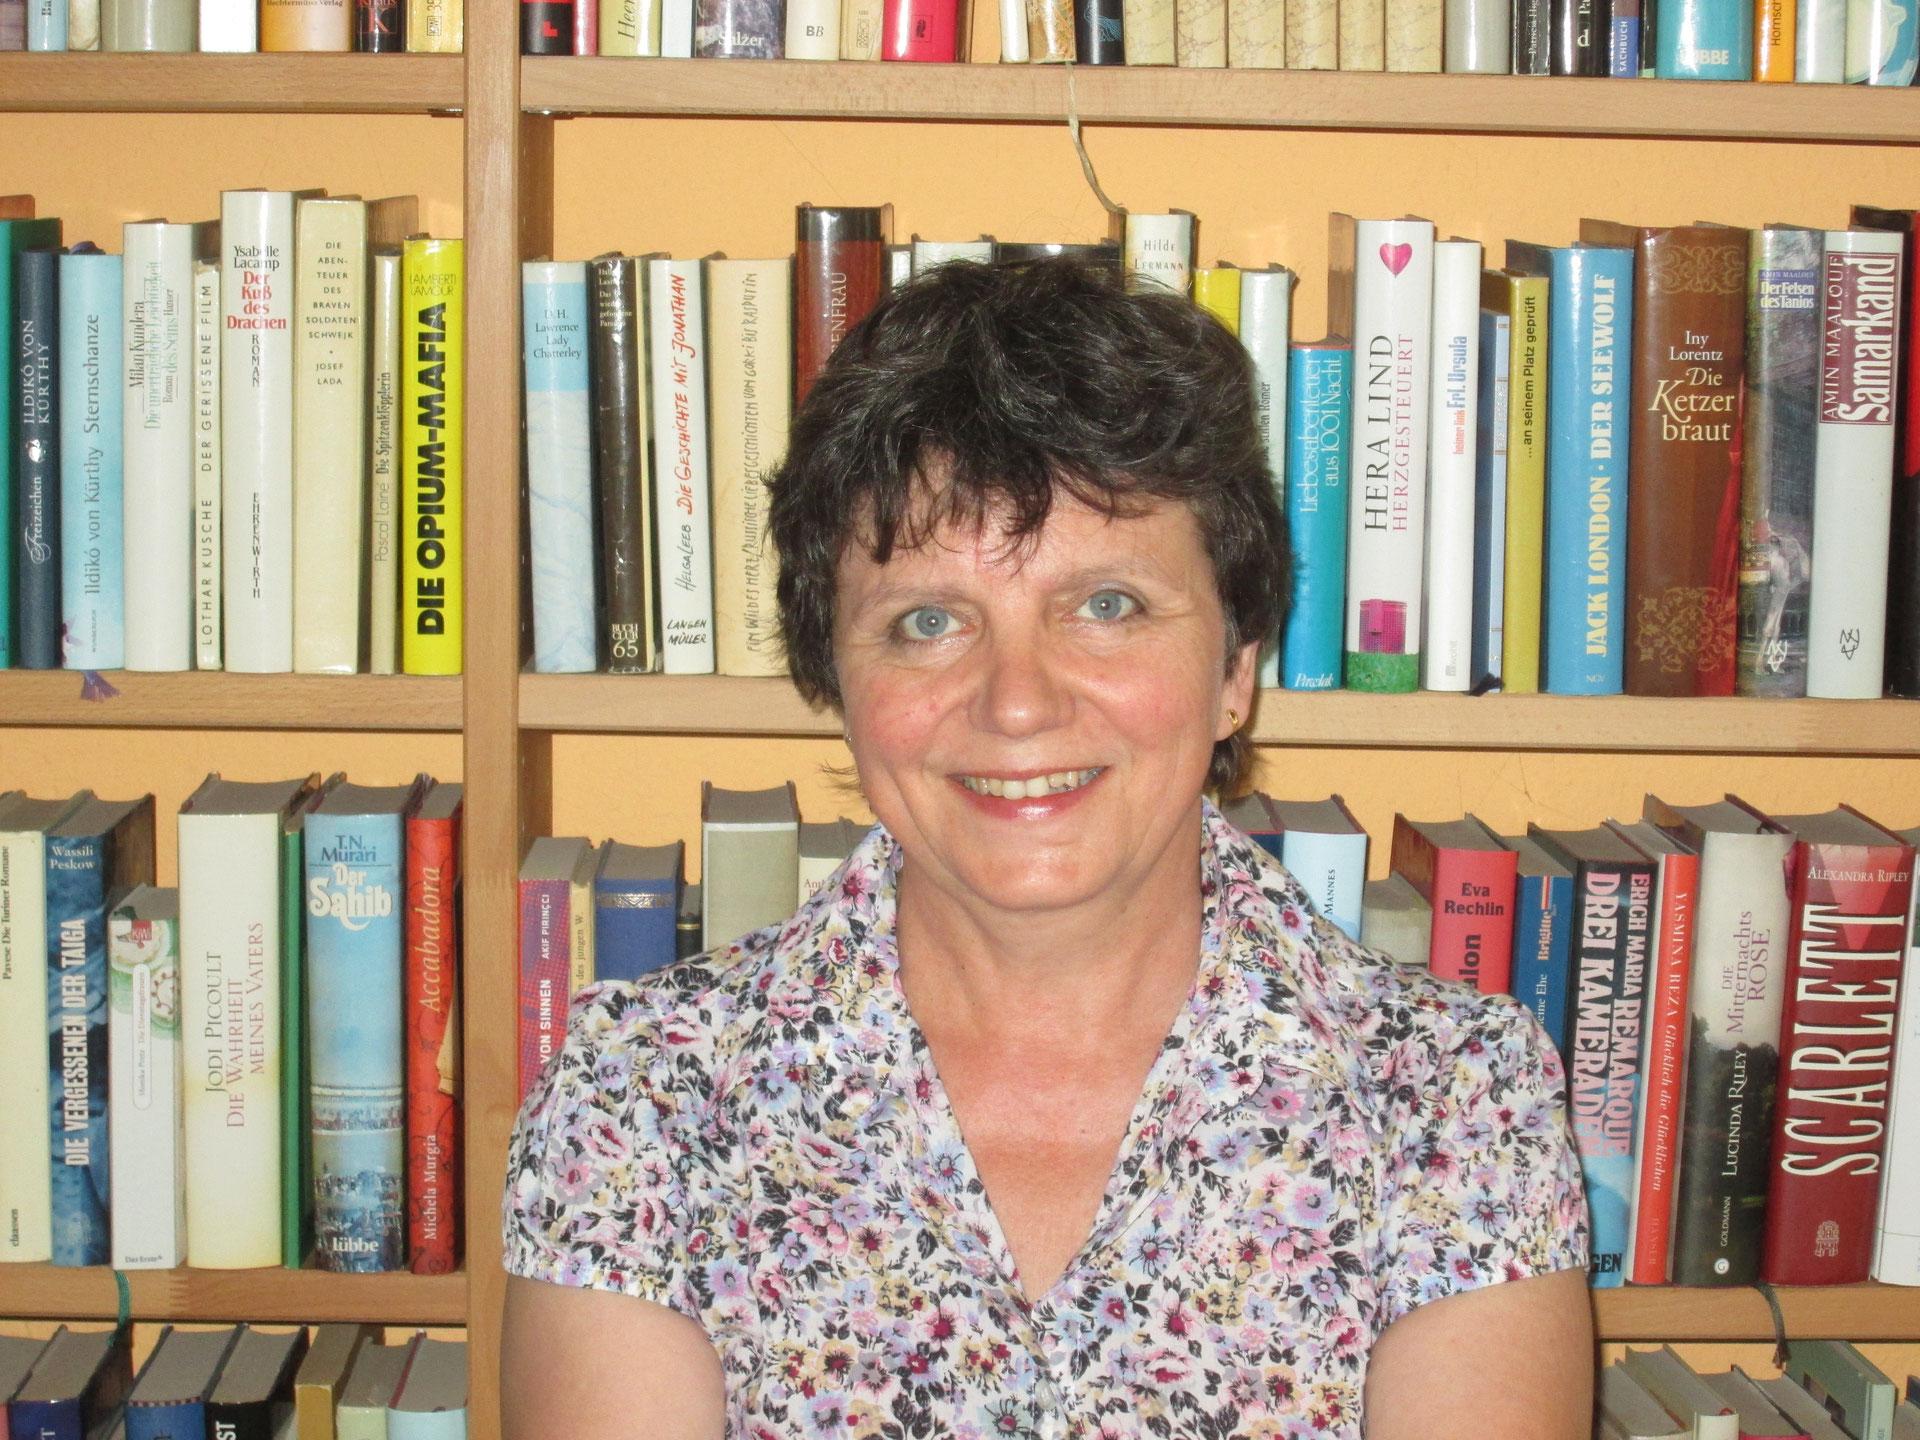 Petra Weise - Alexanders Buchcafé Leser Bücher Autoren